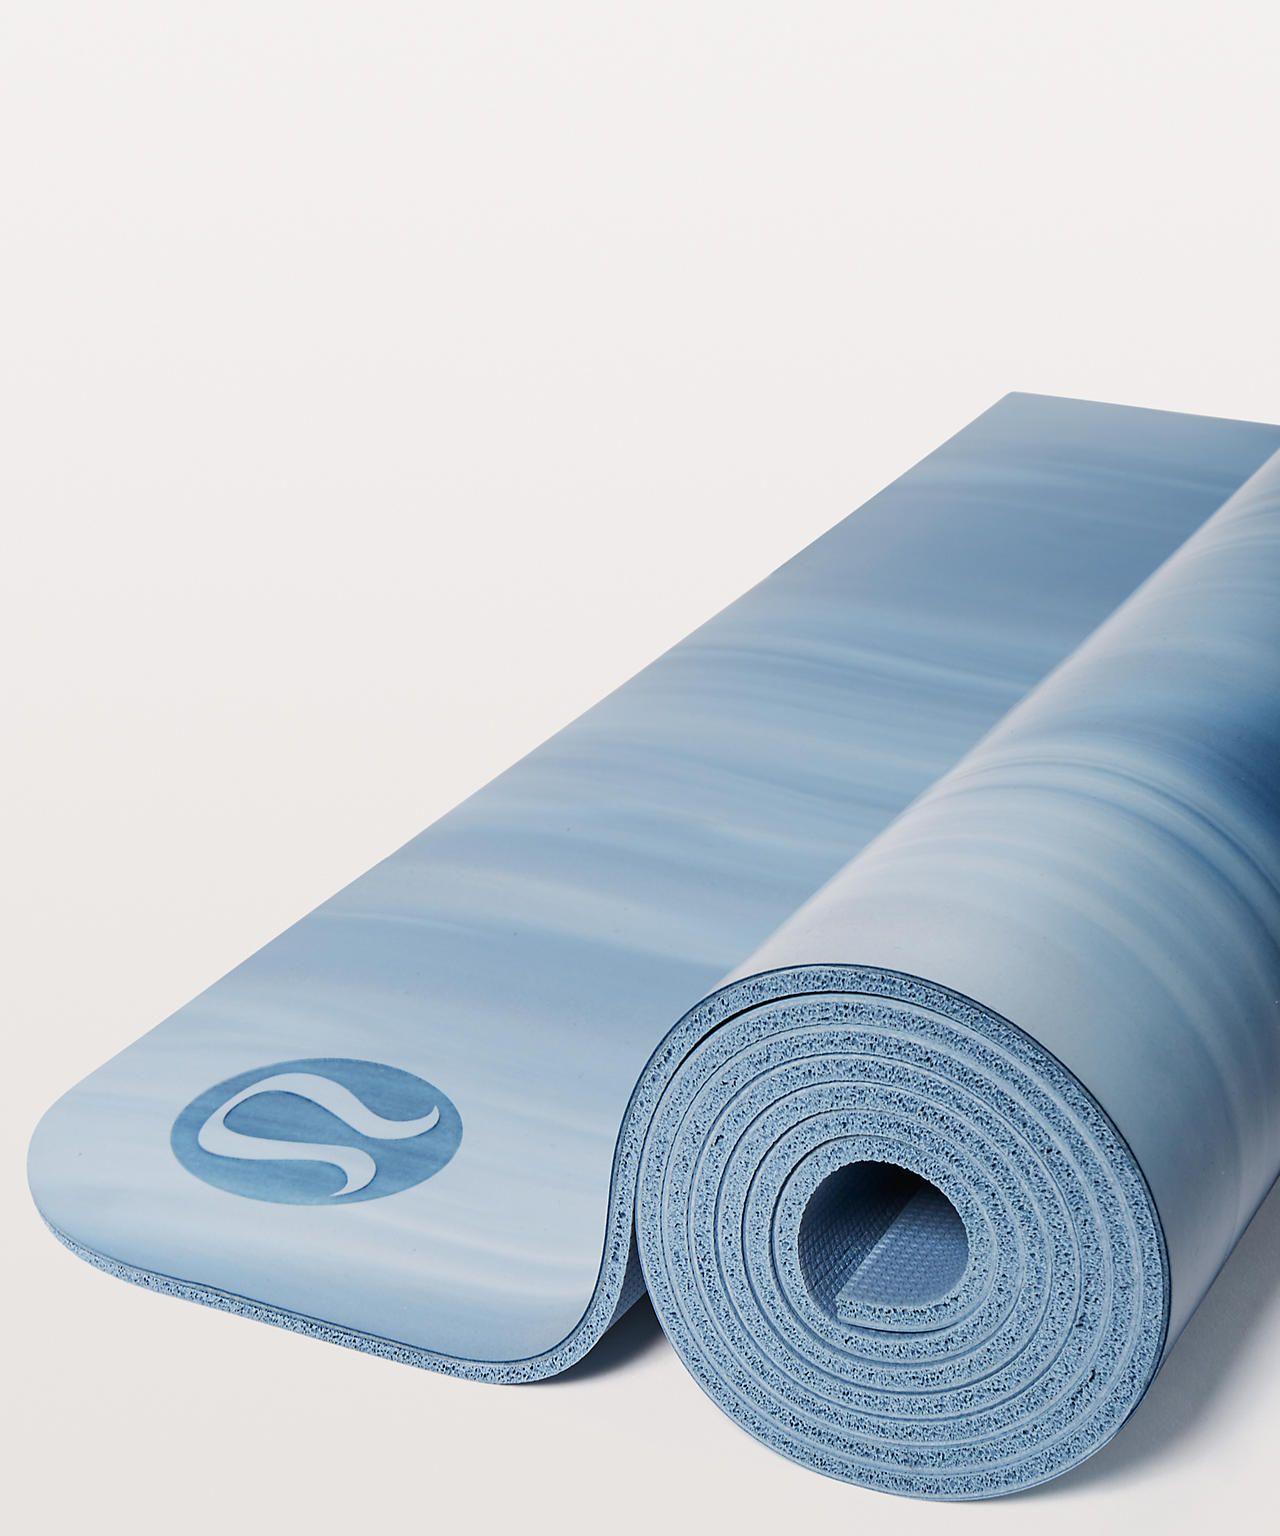 The Reversible Mat 5mm Women S Yoga Mats Lululemon Athletica Yoga Women Yoga Mat Lululemon Yoga Mat